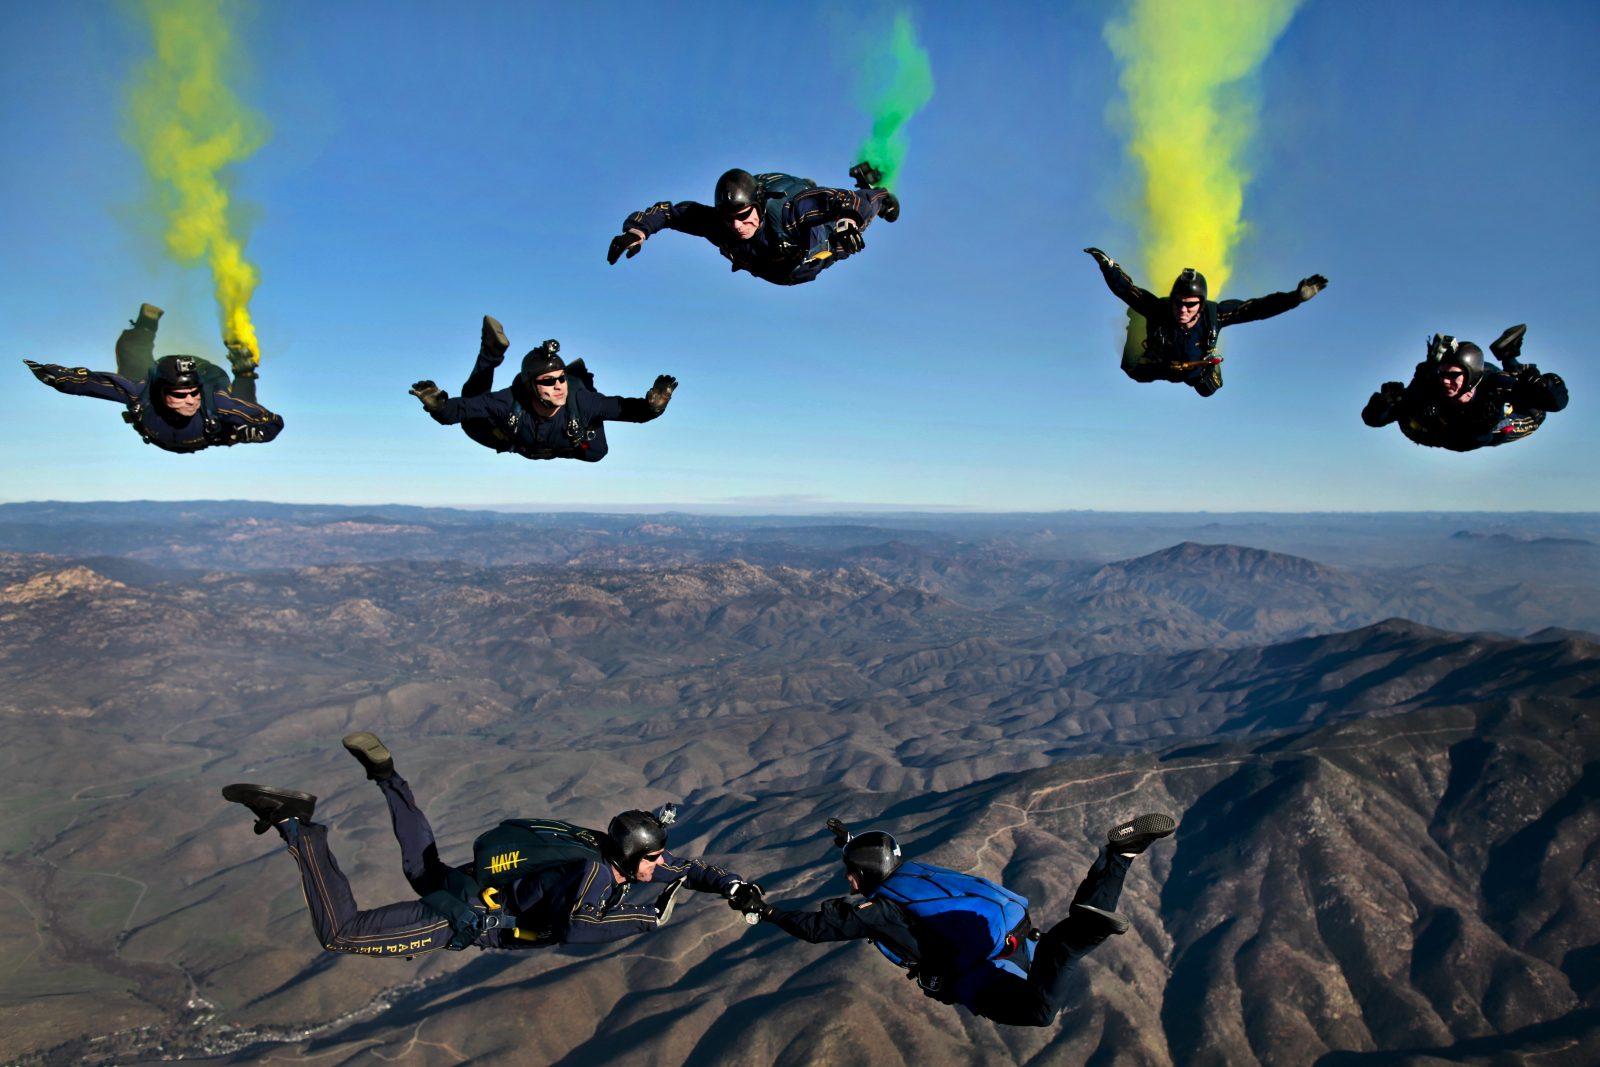 teamontwikkeling 7 parachutisten werken samen in de lucht om een eenheid te vormen